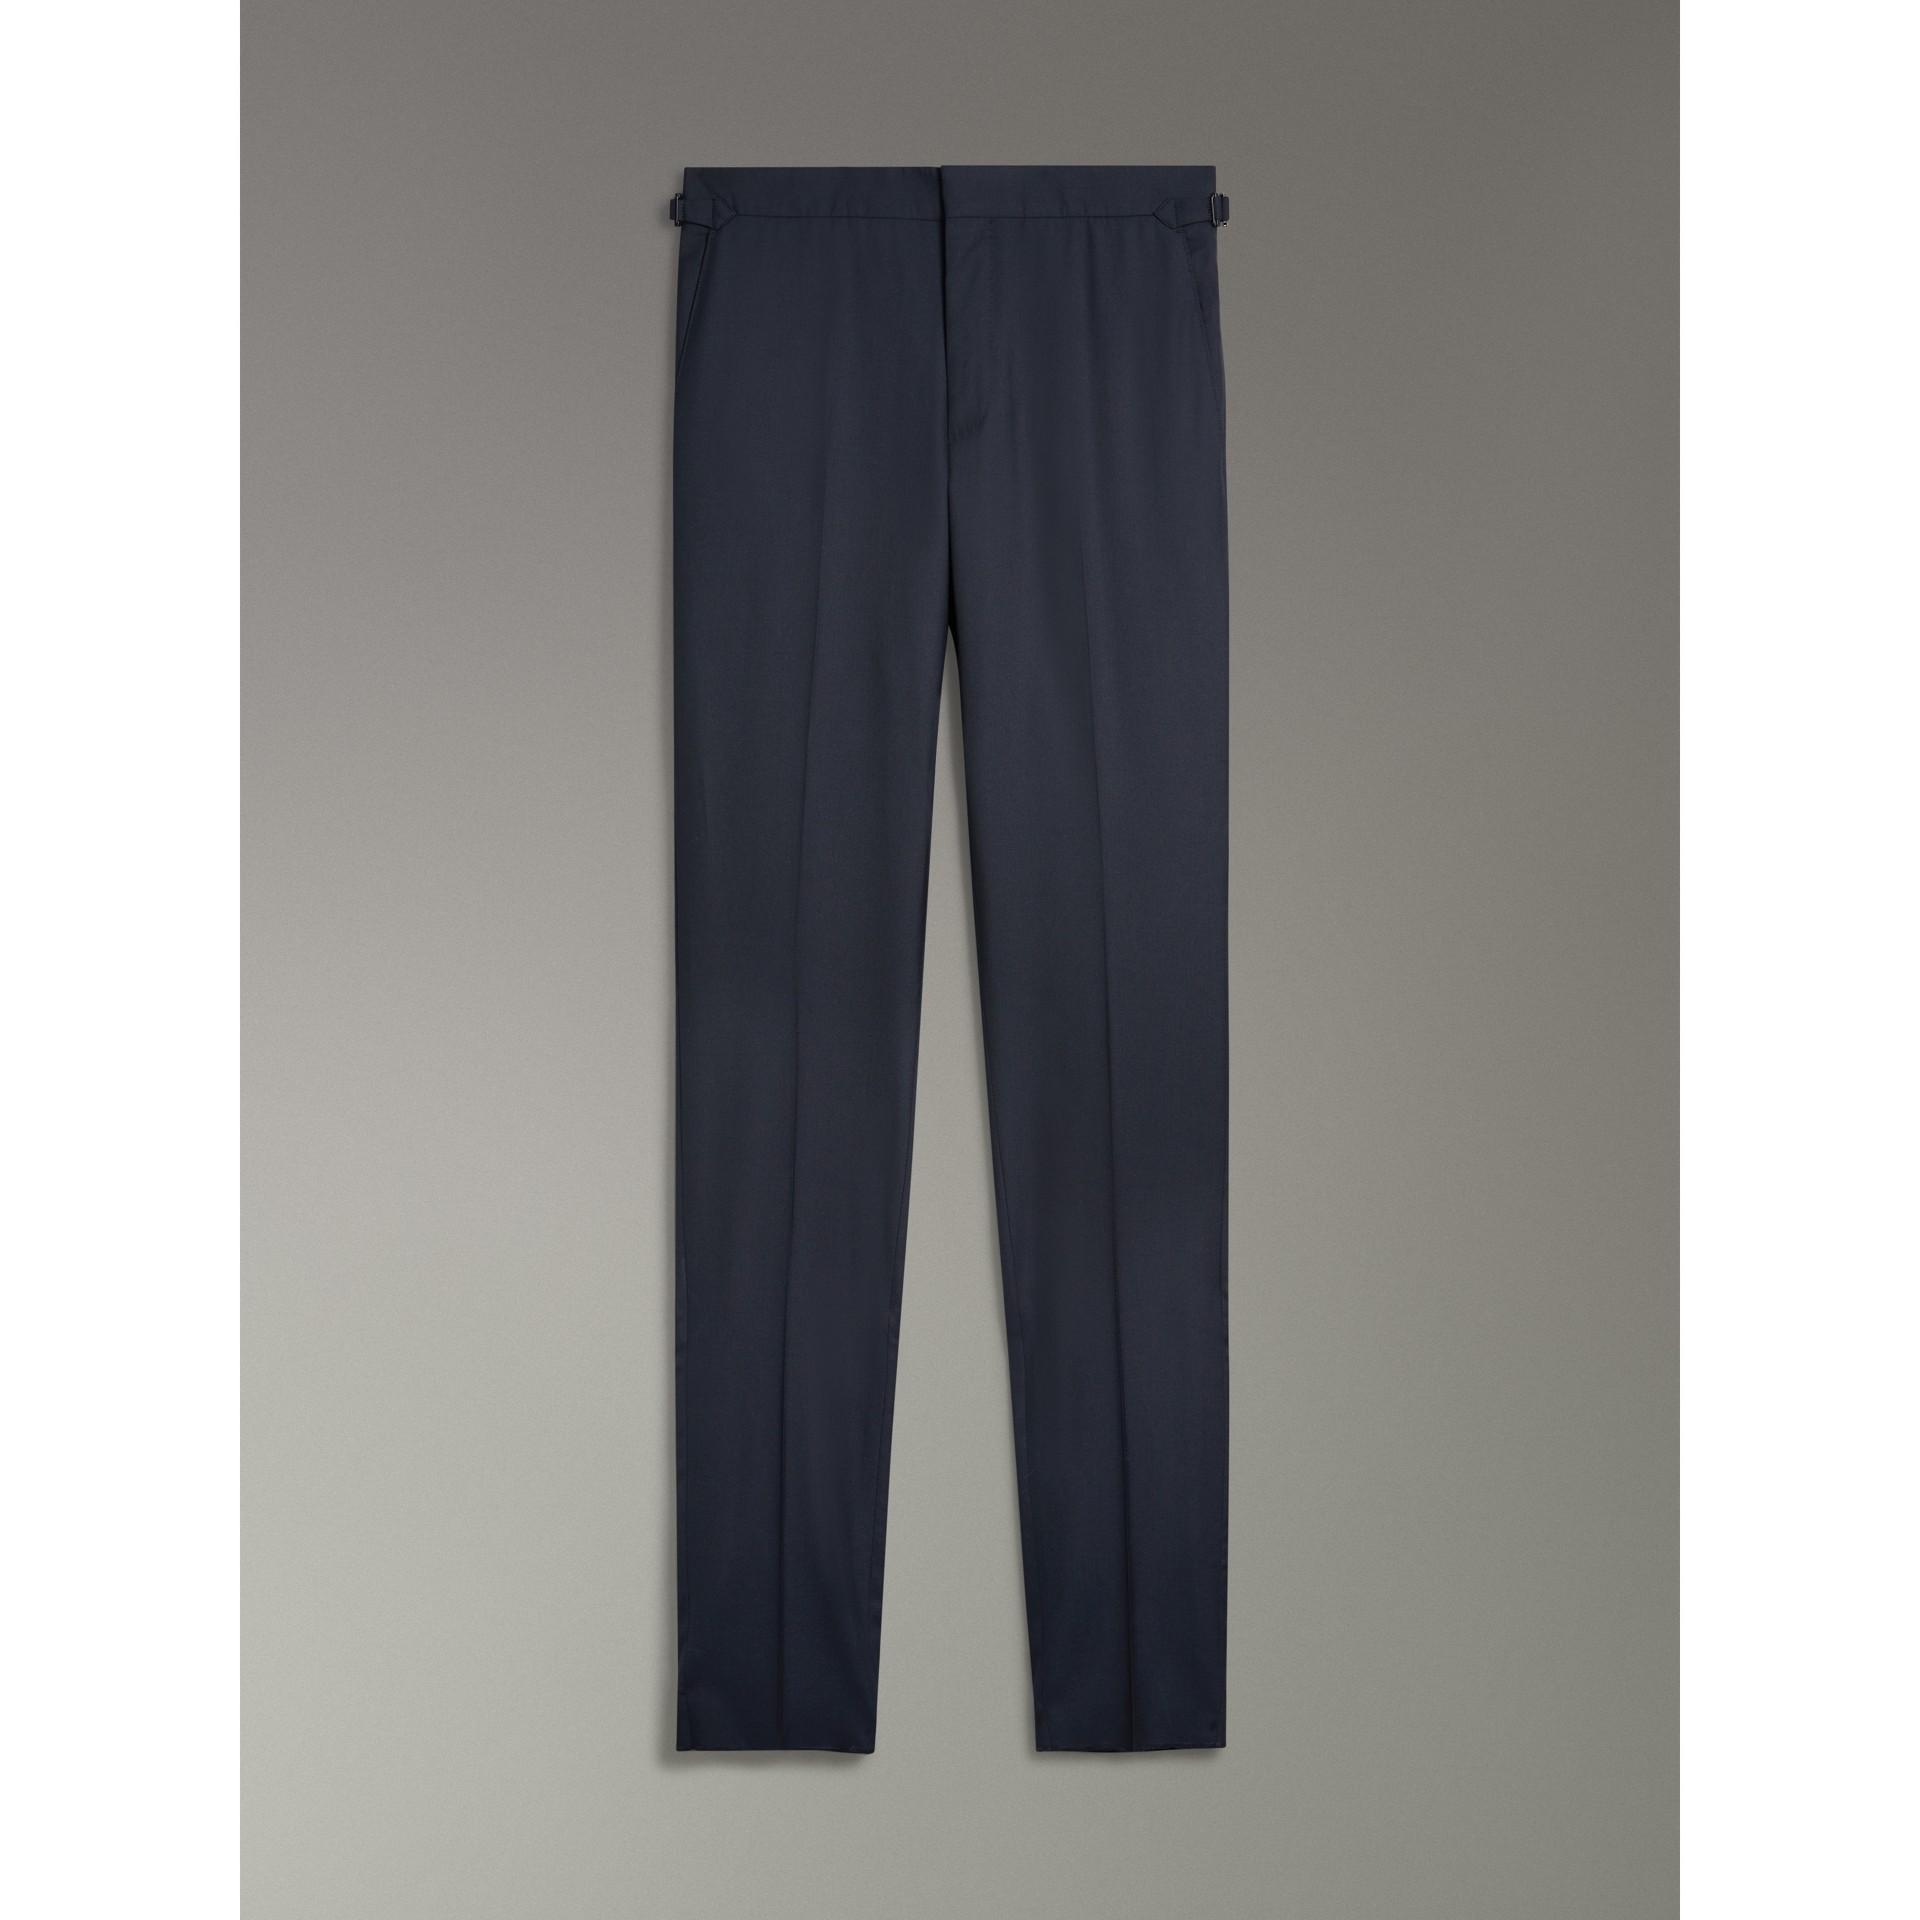 Dreiteiliger Anzug aus Wolle und Seide in schmaler Passform (Marineblau) - Herren | Burberry - Galerie-Bild 9